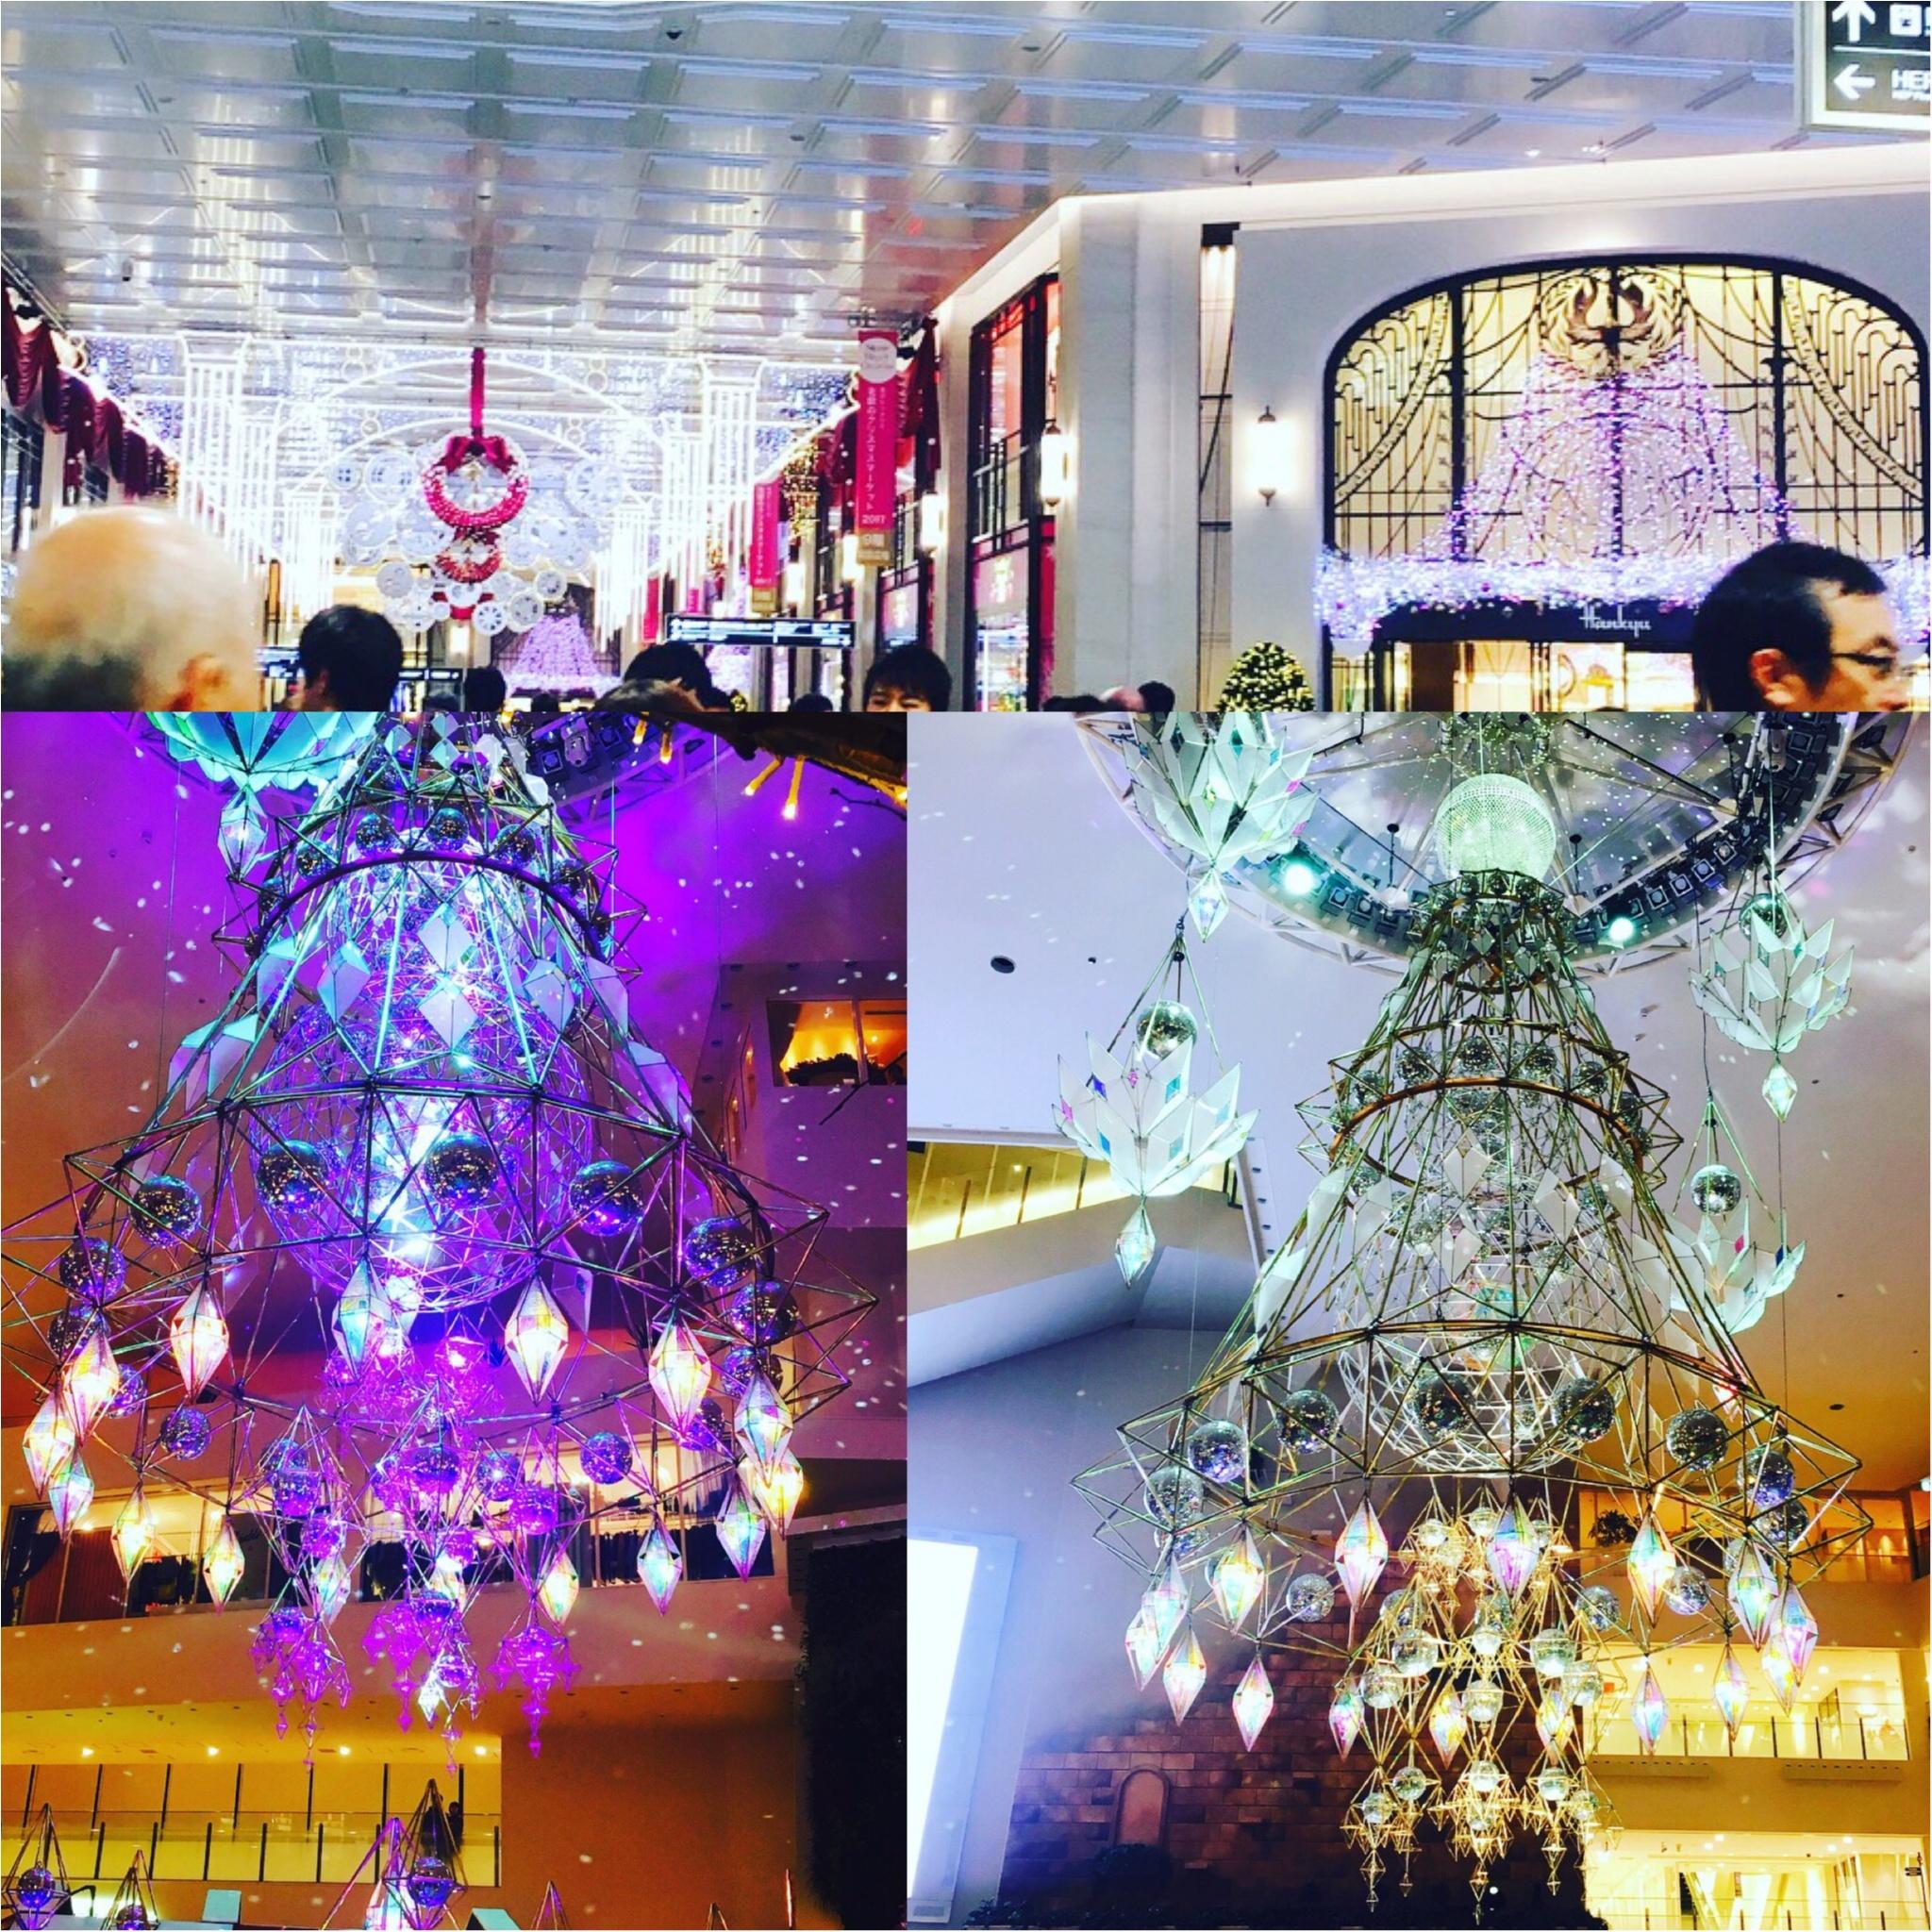 【阪急うめだ】で開催中の≪北欧クリスマスマーケット≫に行ってきました!_1